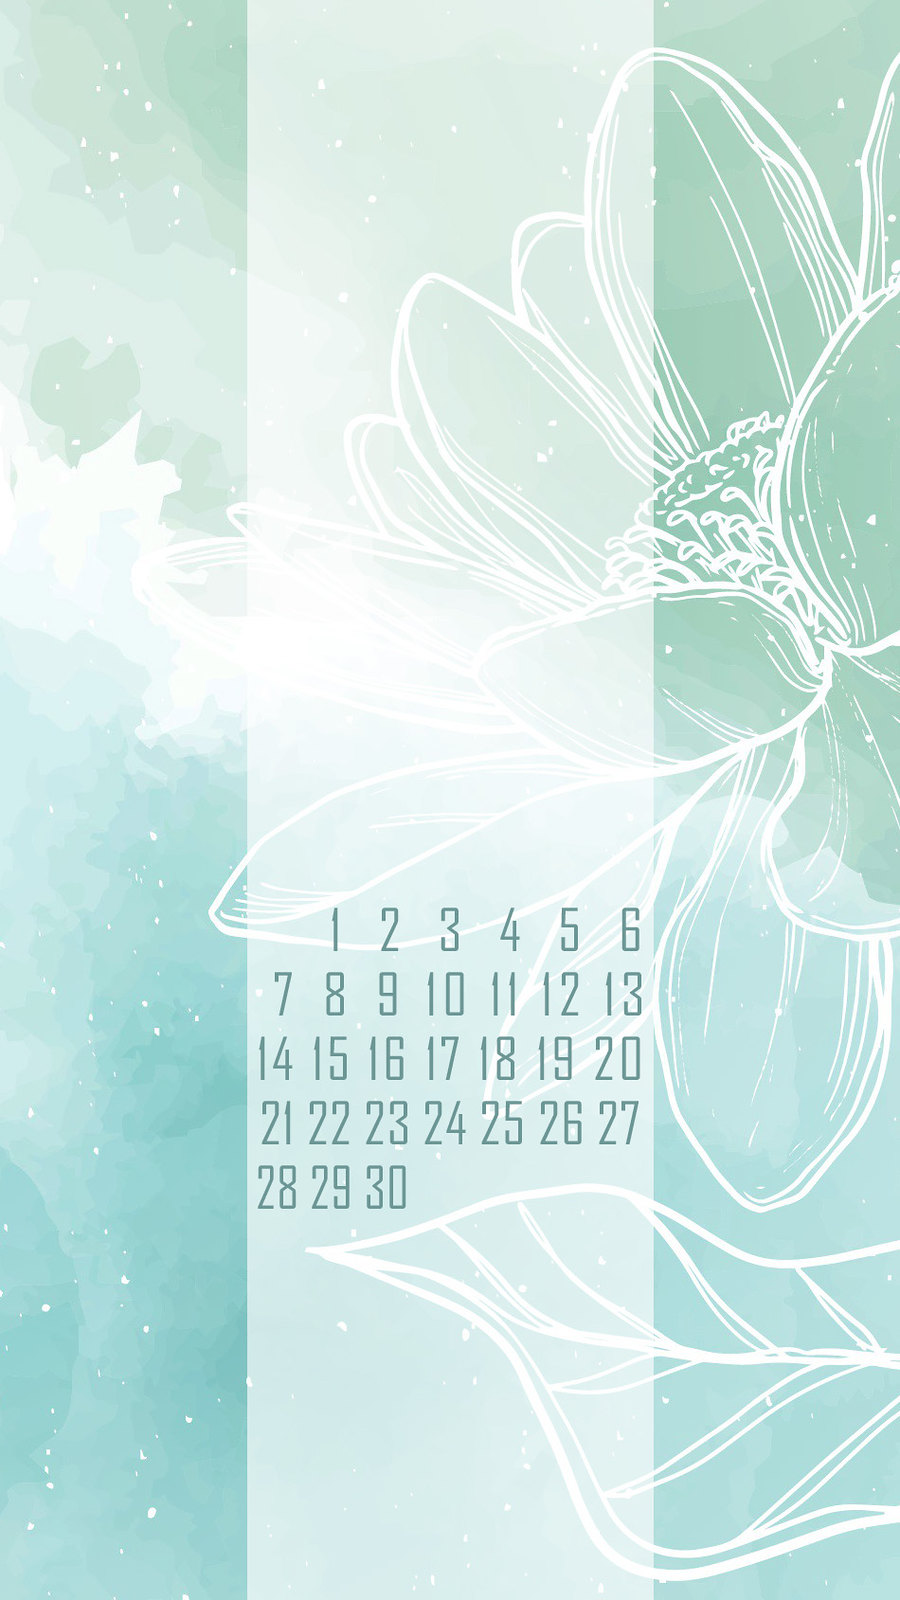 календарь на июнь '21, заставка на смартфон, district-f.org 2